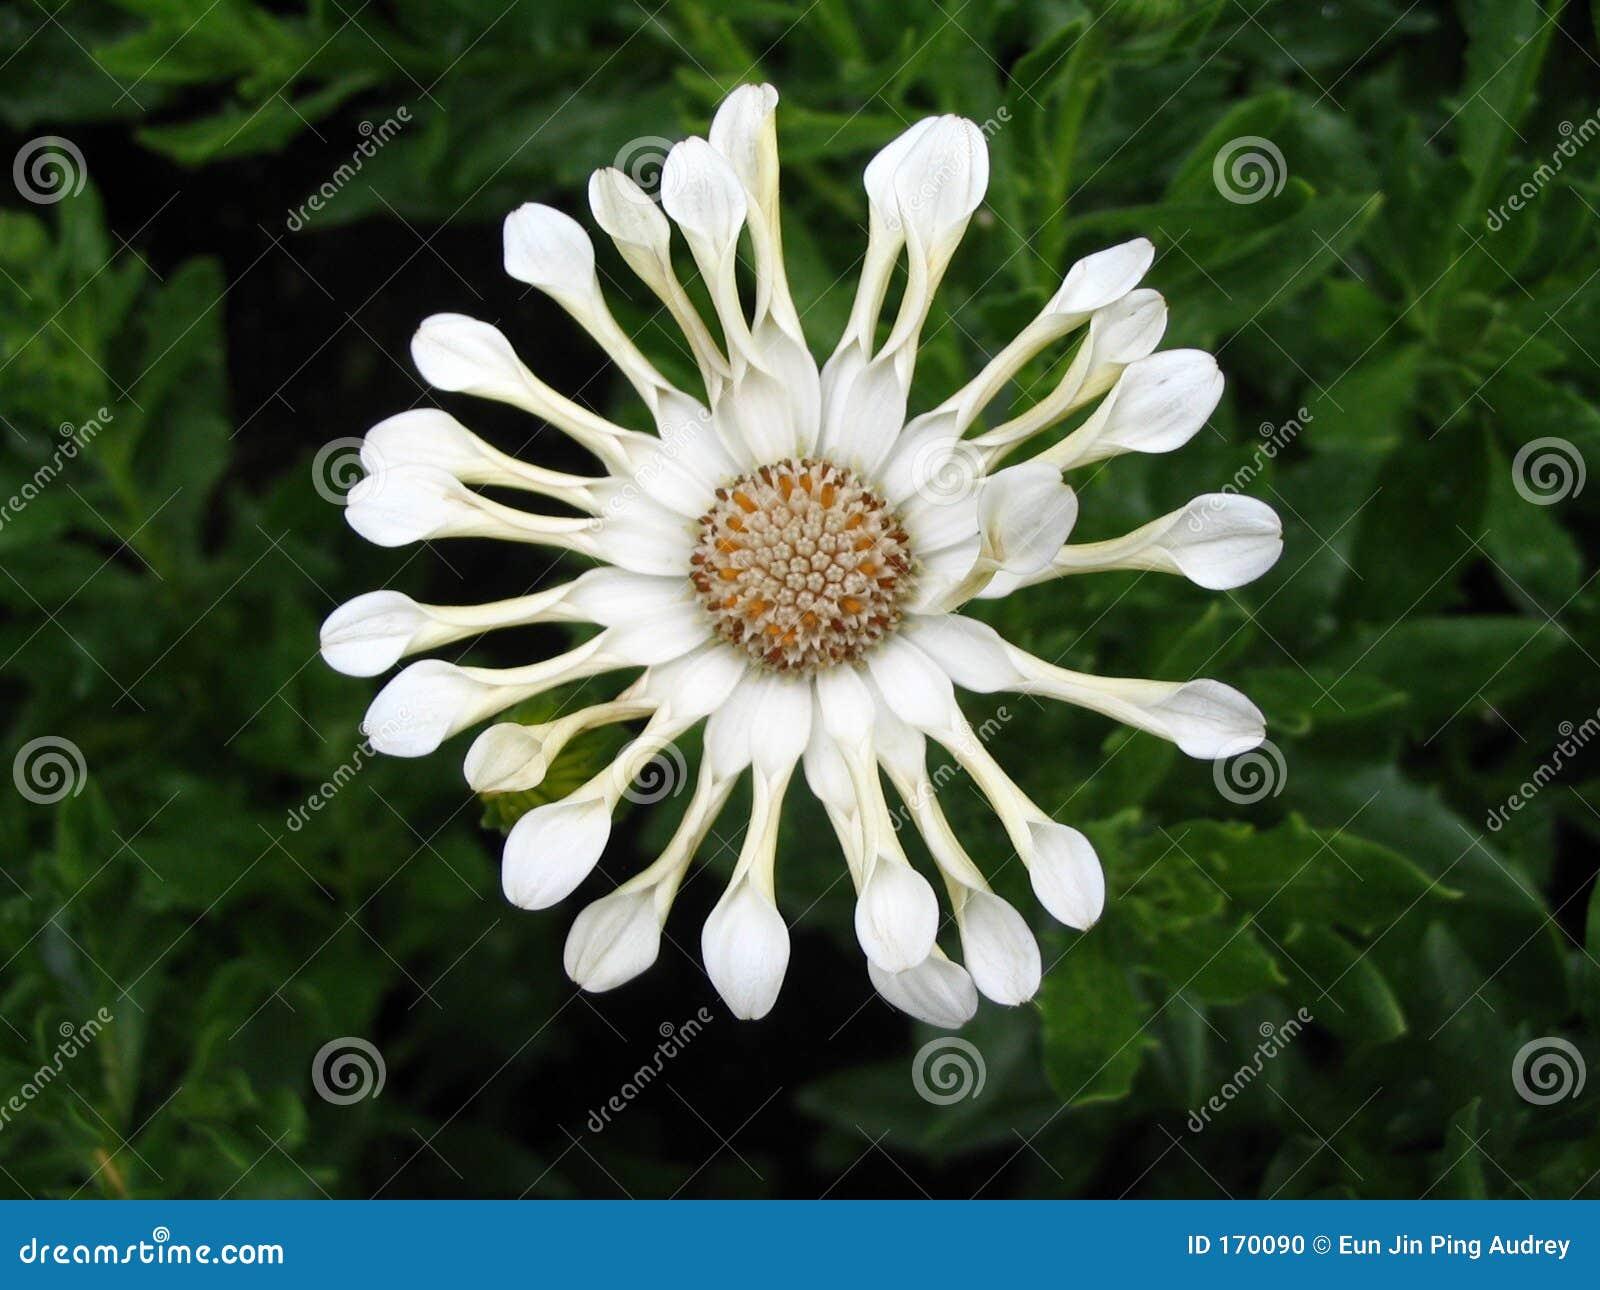 Interesting White Flower